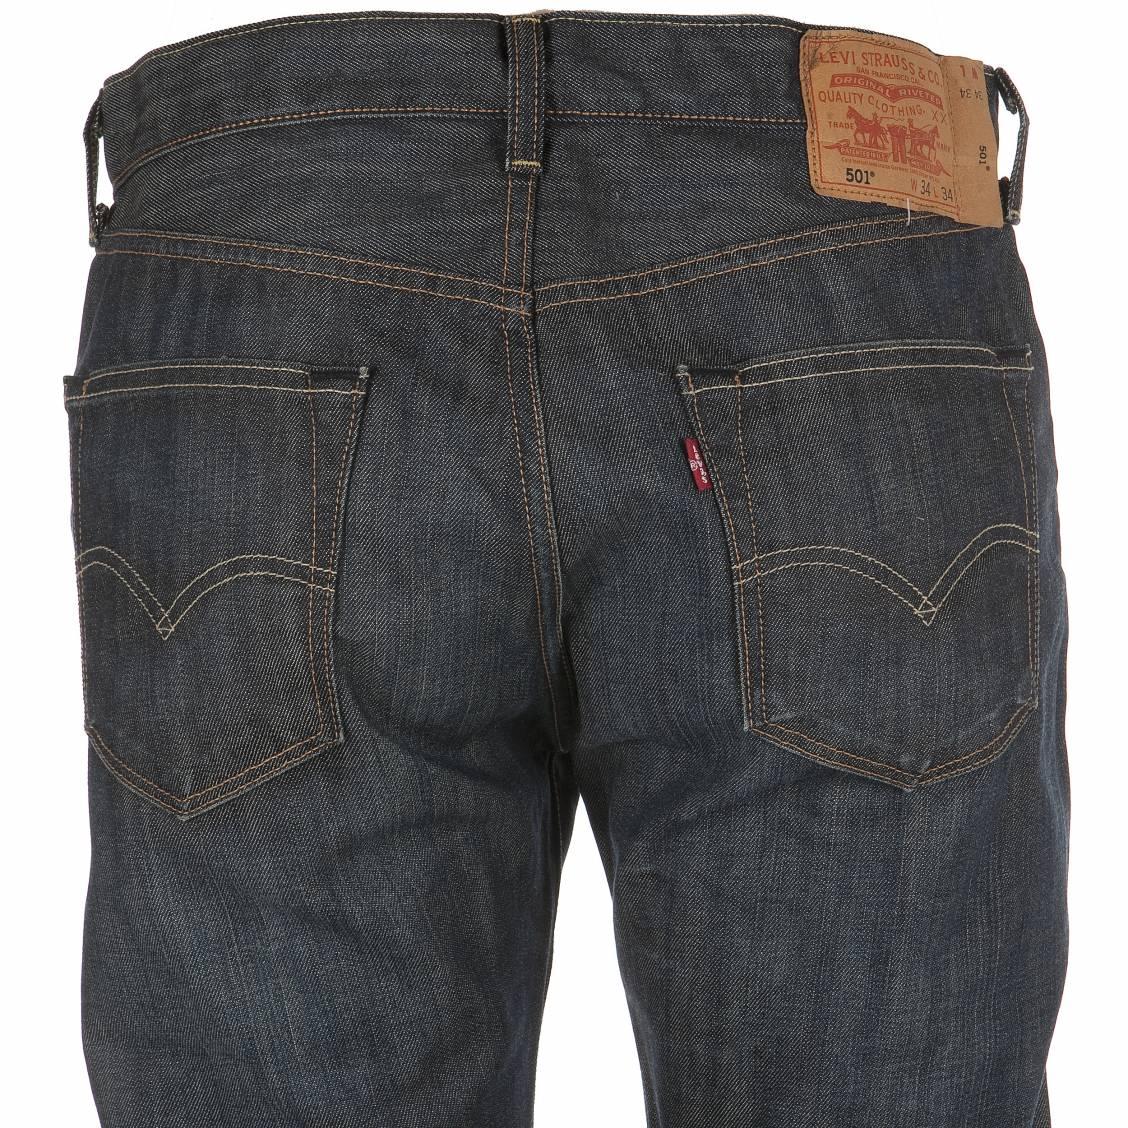 jean homme vente en ligne de jeans pour homme rue des hommes. Black Bedroom Furniture Sets. Home Design Ideas